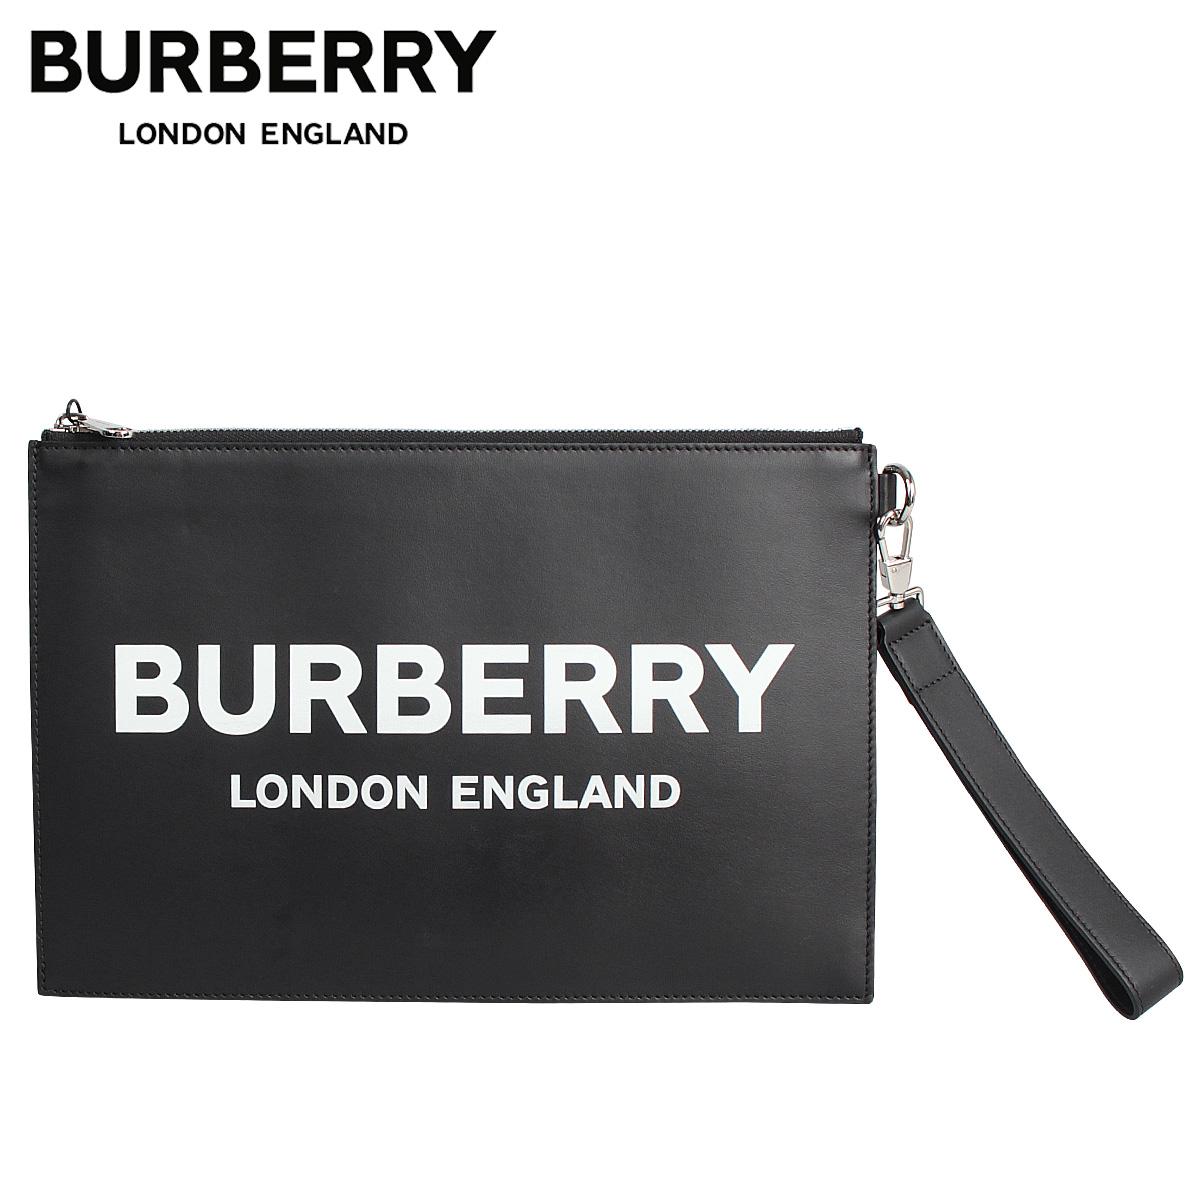 バーバリー BURBERRY クラッチバッグ セカンドバッグ ポーチ メンズ レディース EDIN LOGO POUCH ブラック 黒 8009214